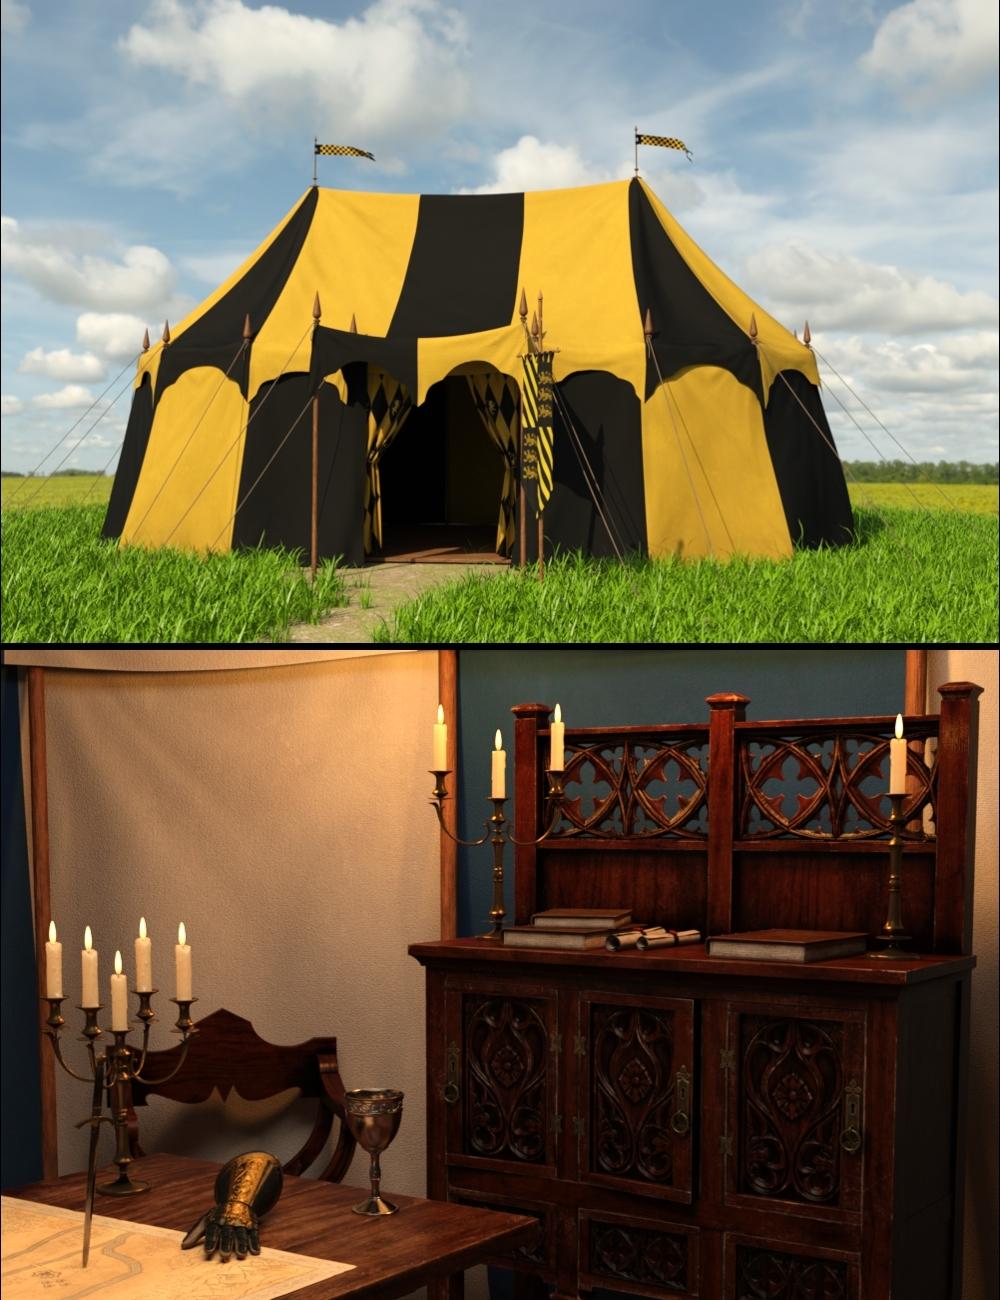 Commander's Tent Bundle by: Goriav, 3D Models by Daz 3D